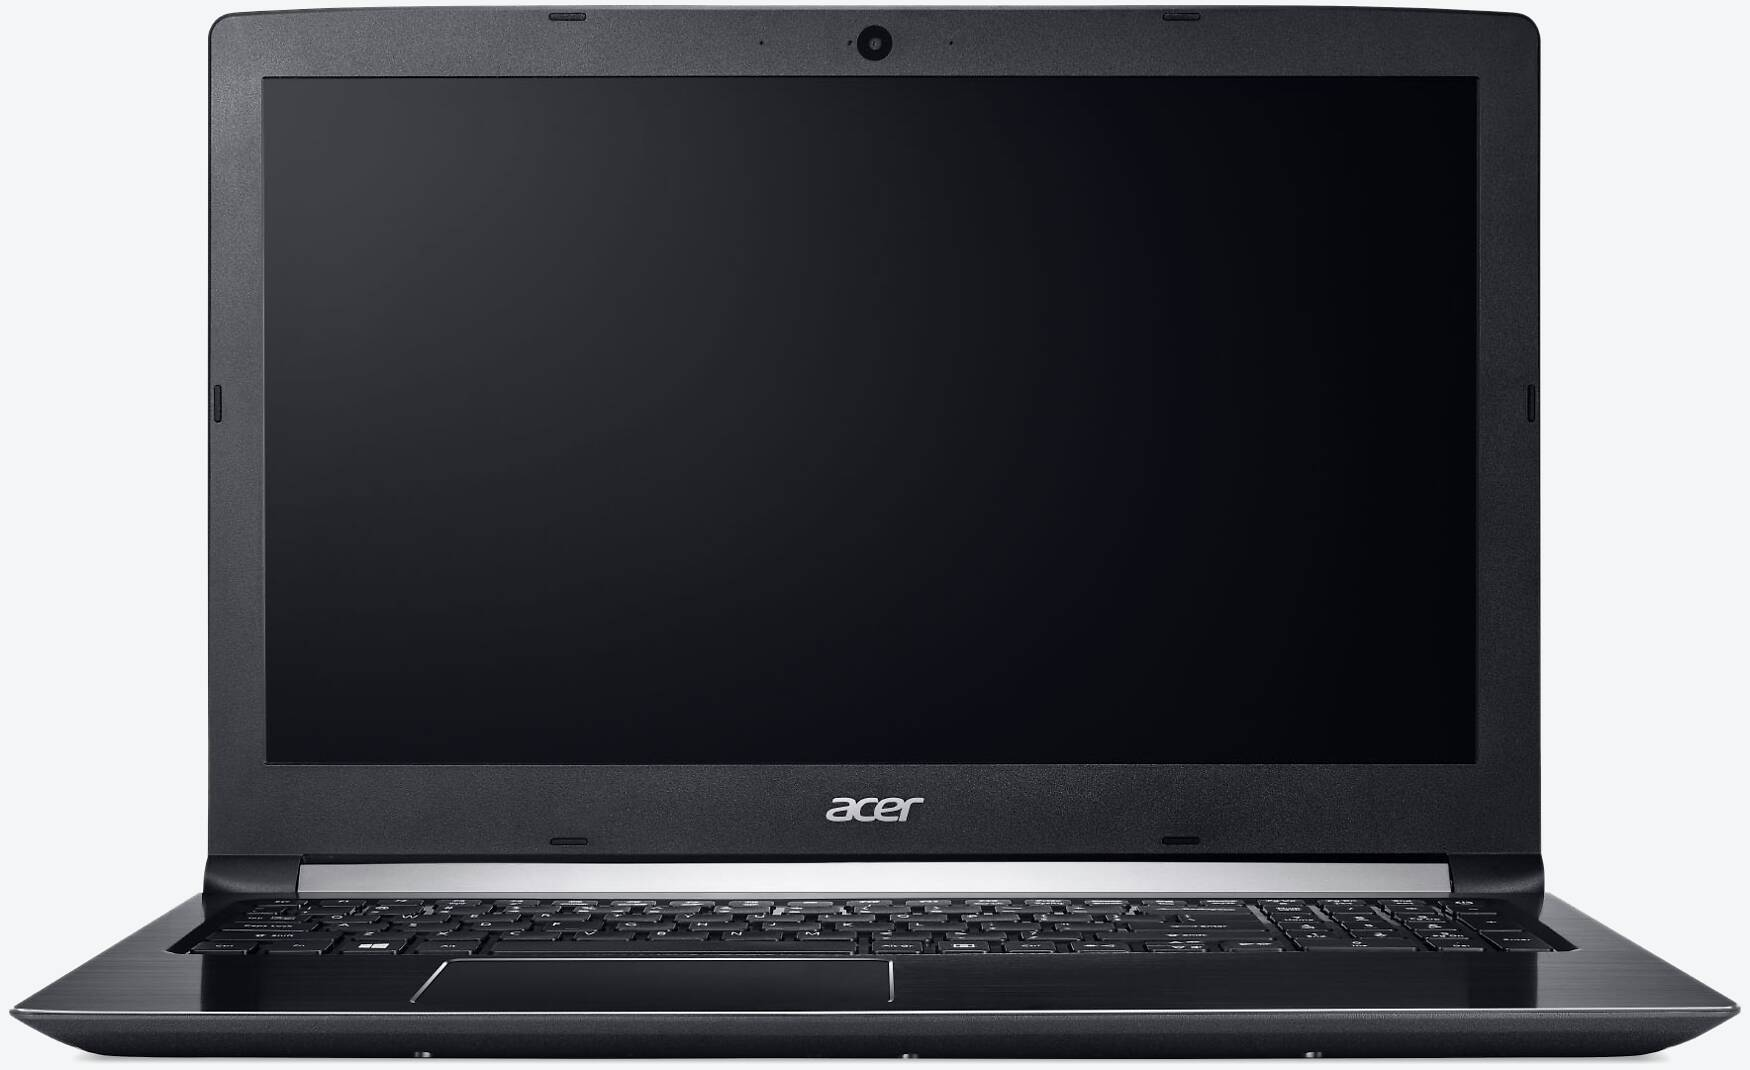 Acer Aspire 5 A515-52G-759A